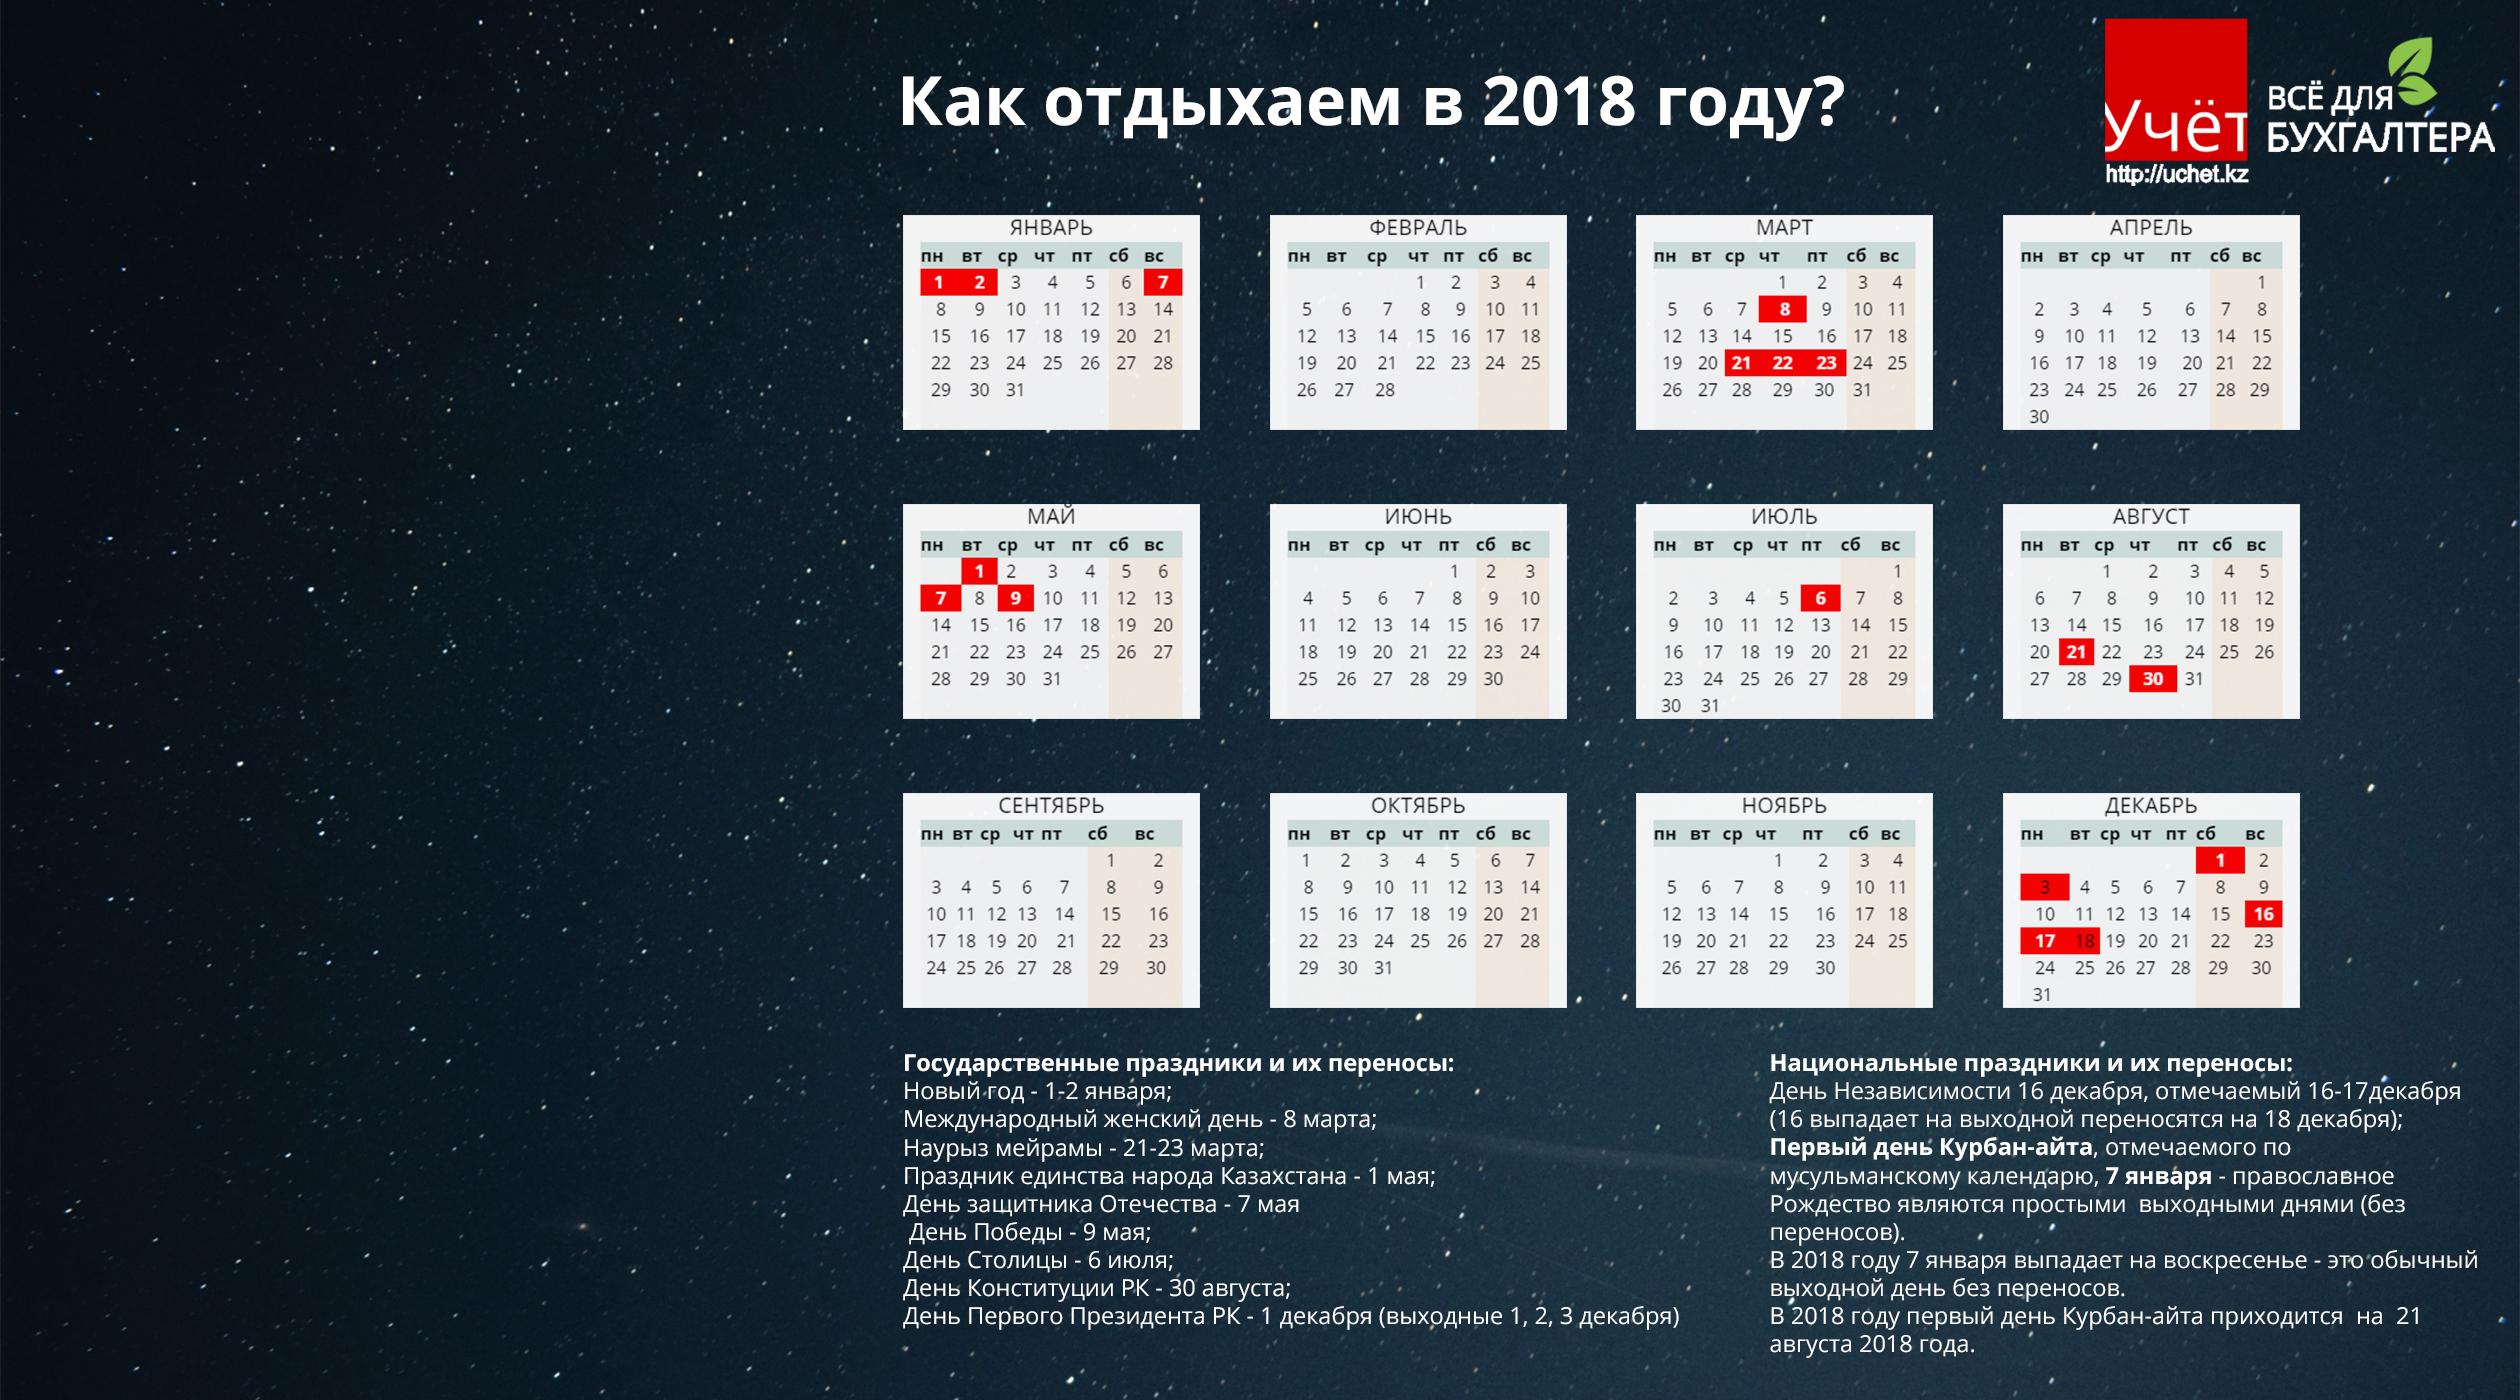 Крупные праздники в этом году